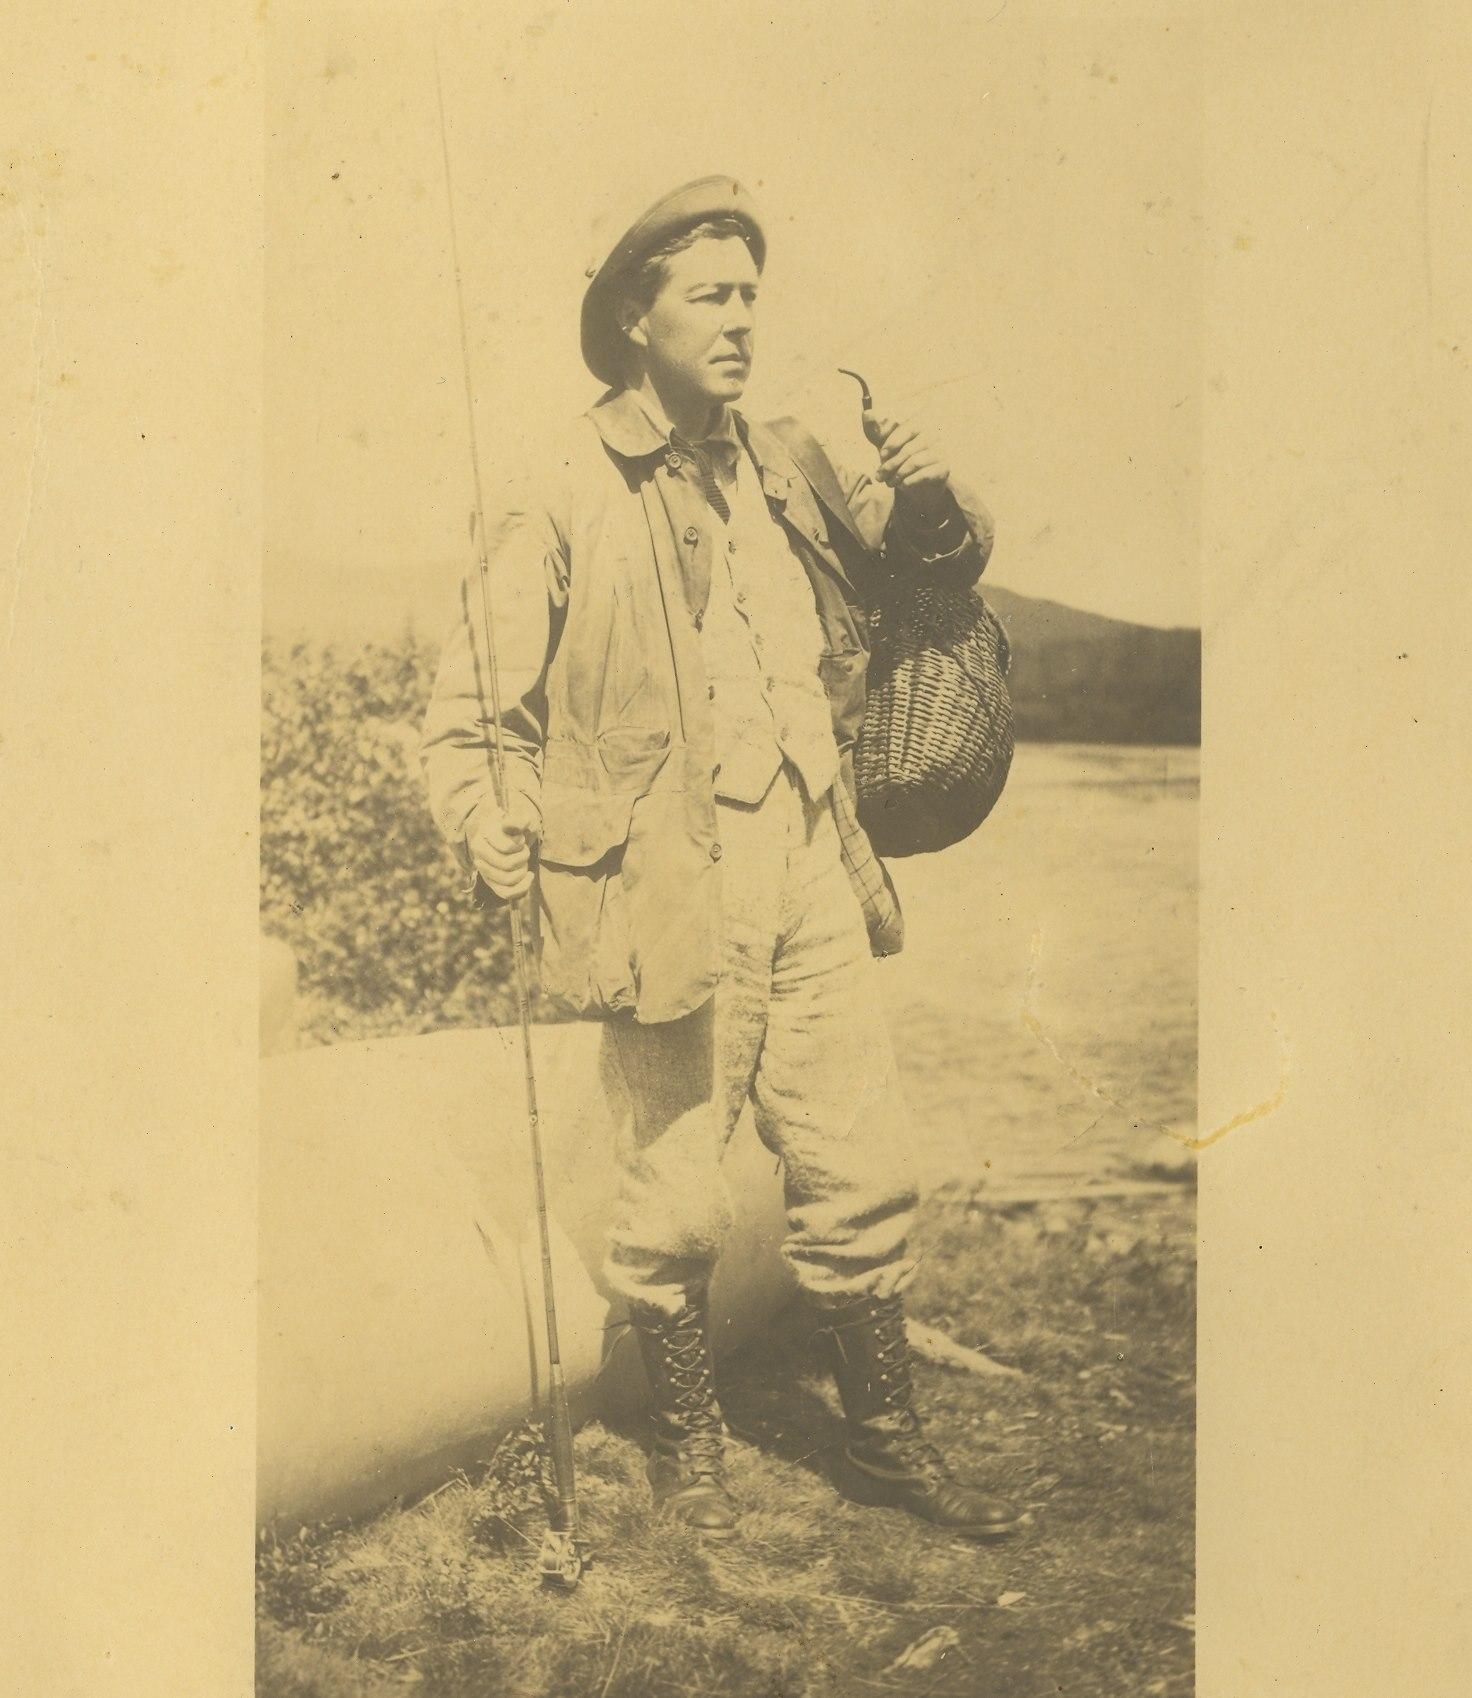 Photographie sur papier jauni d'un pêcheur et son équipement, dont une canne à pêche, un canot et panier à poissons en osier.